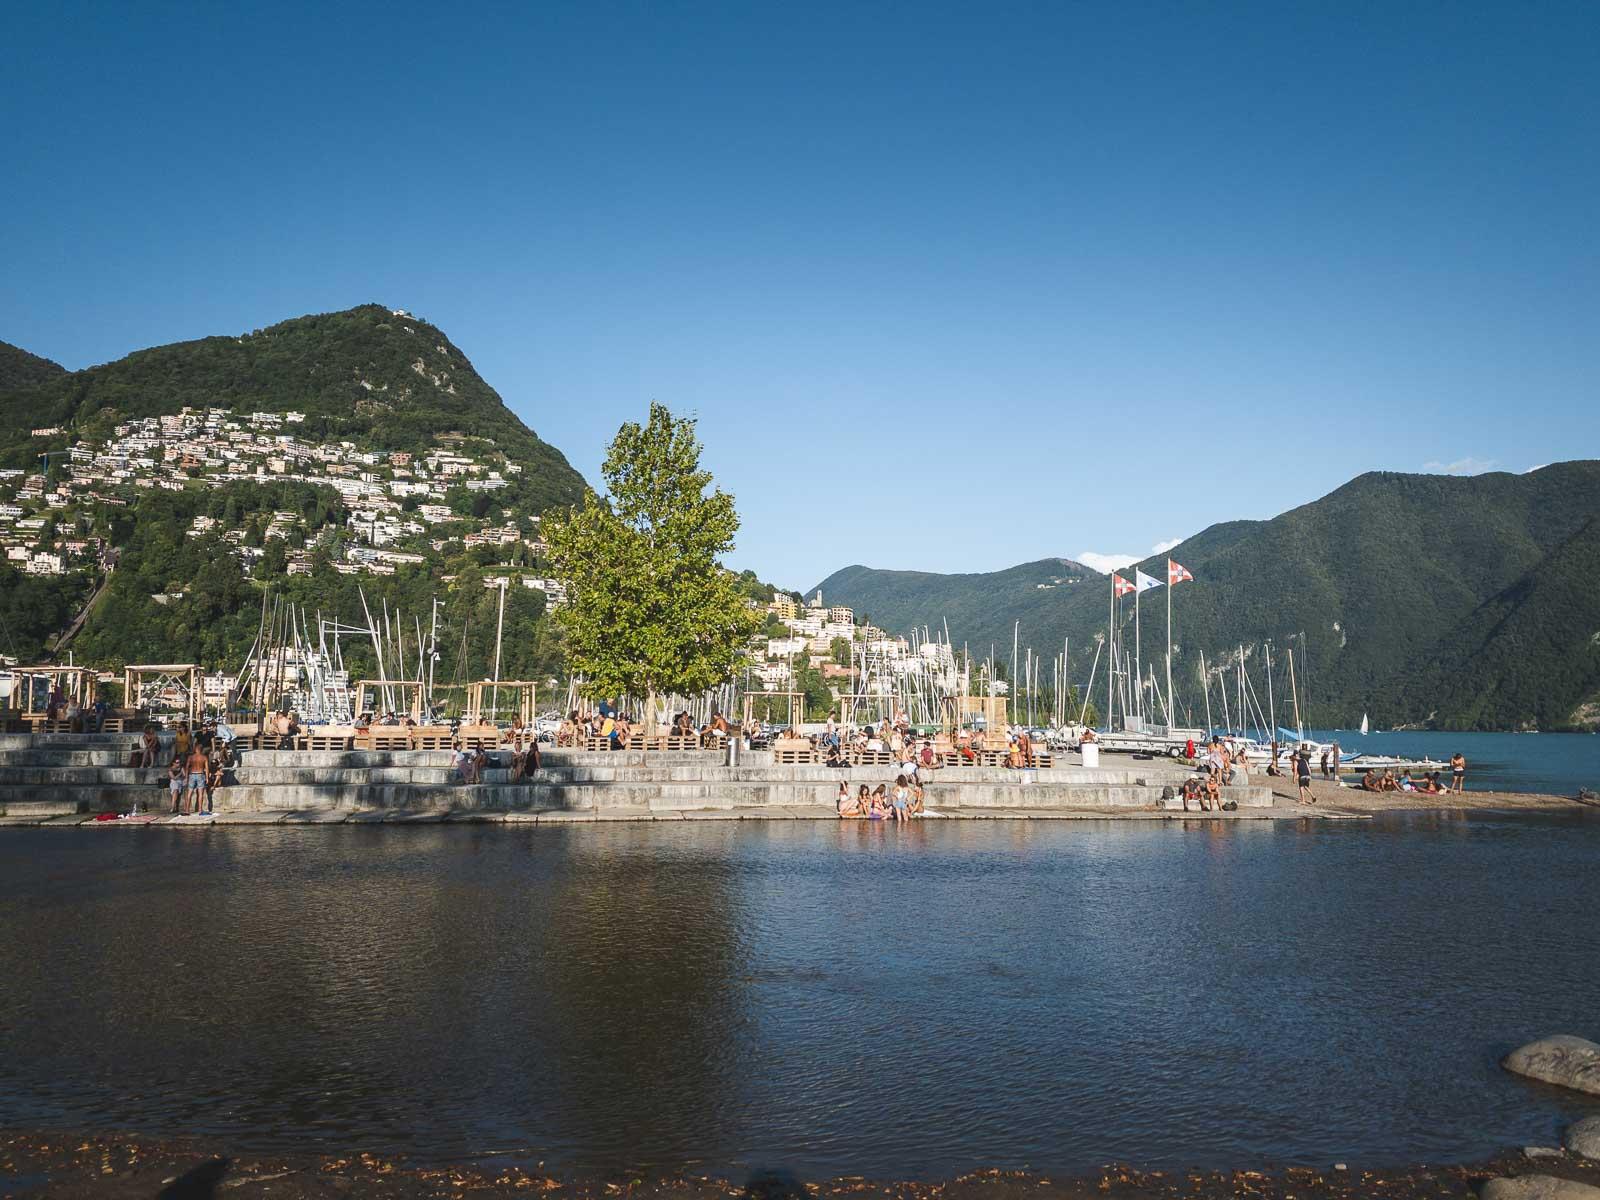 Gandria near Lugano Switzerland